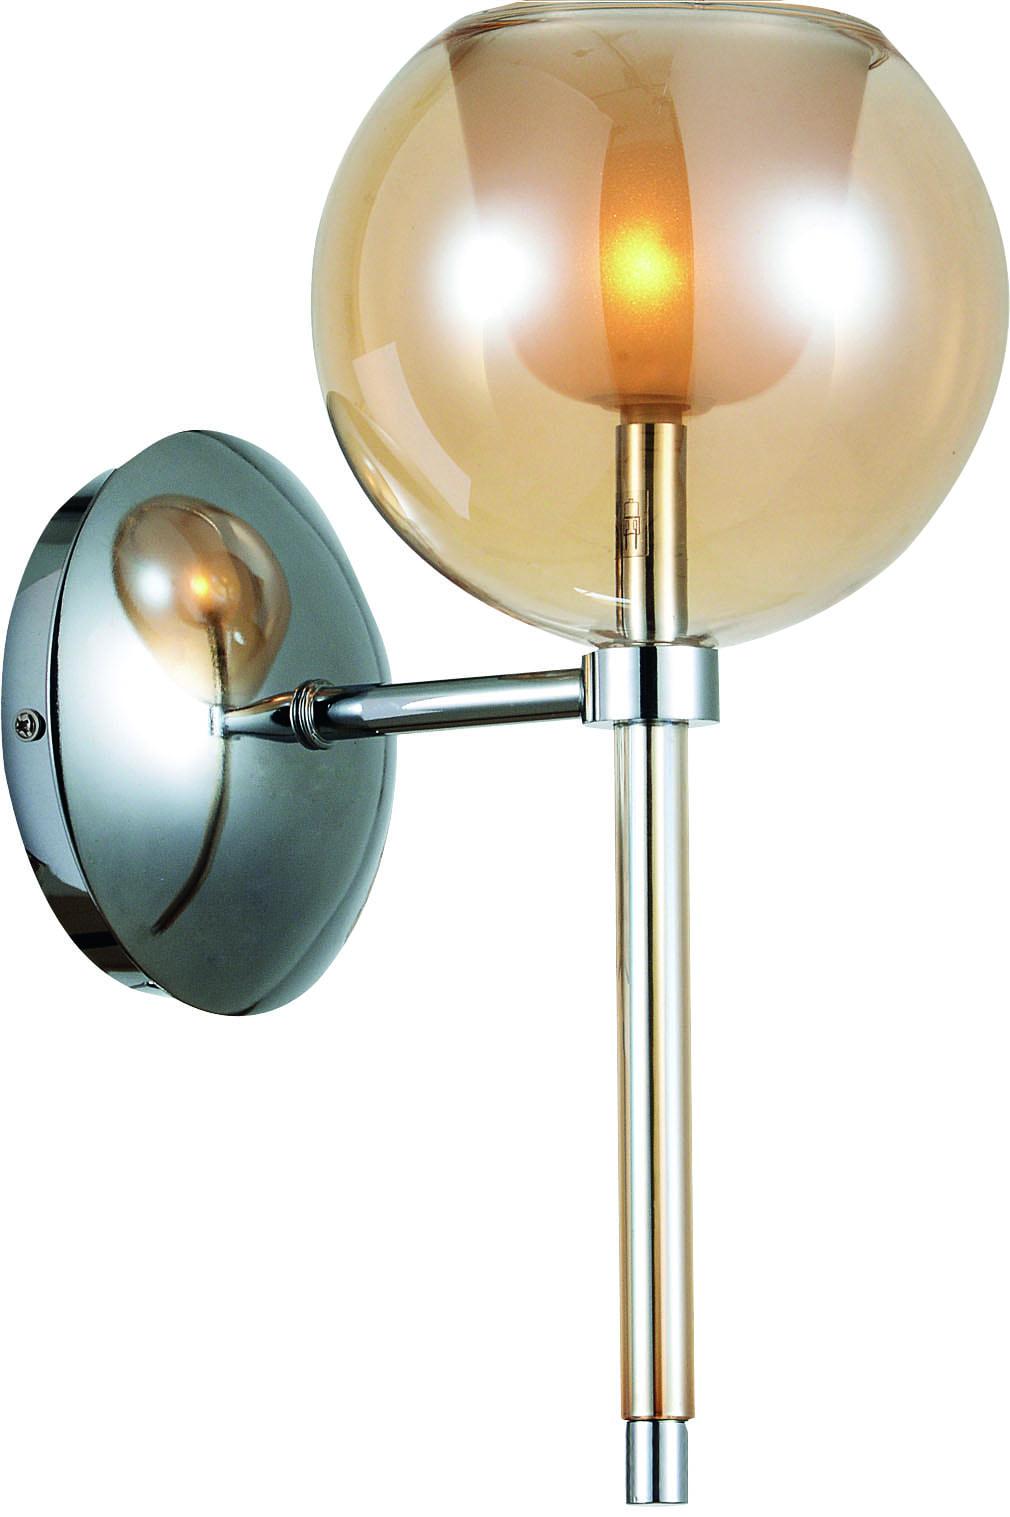 Moderní nástěnné svítidlo Bellissima chrom / šampaňské G4 20W